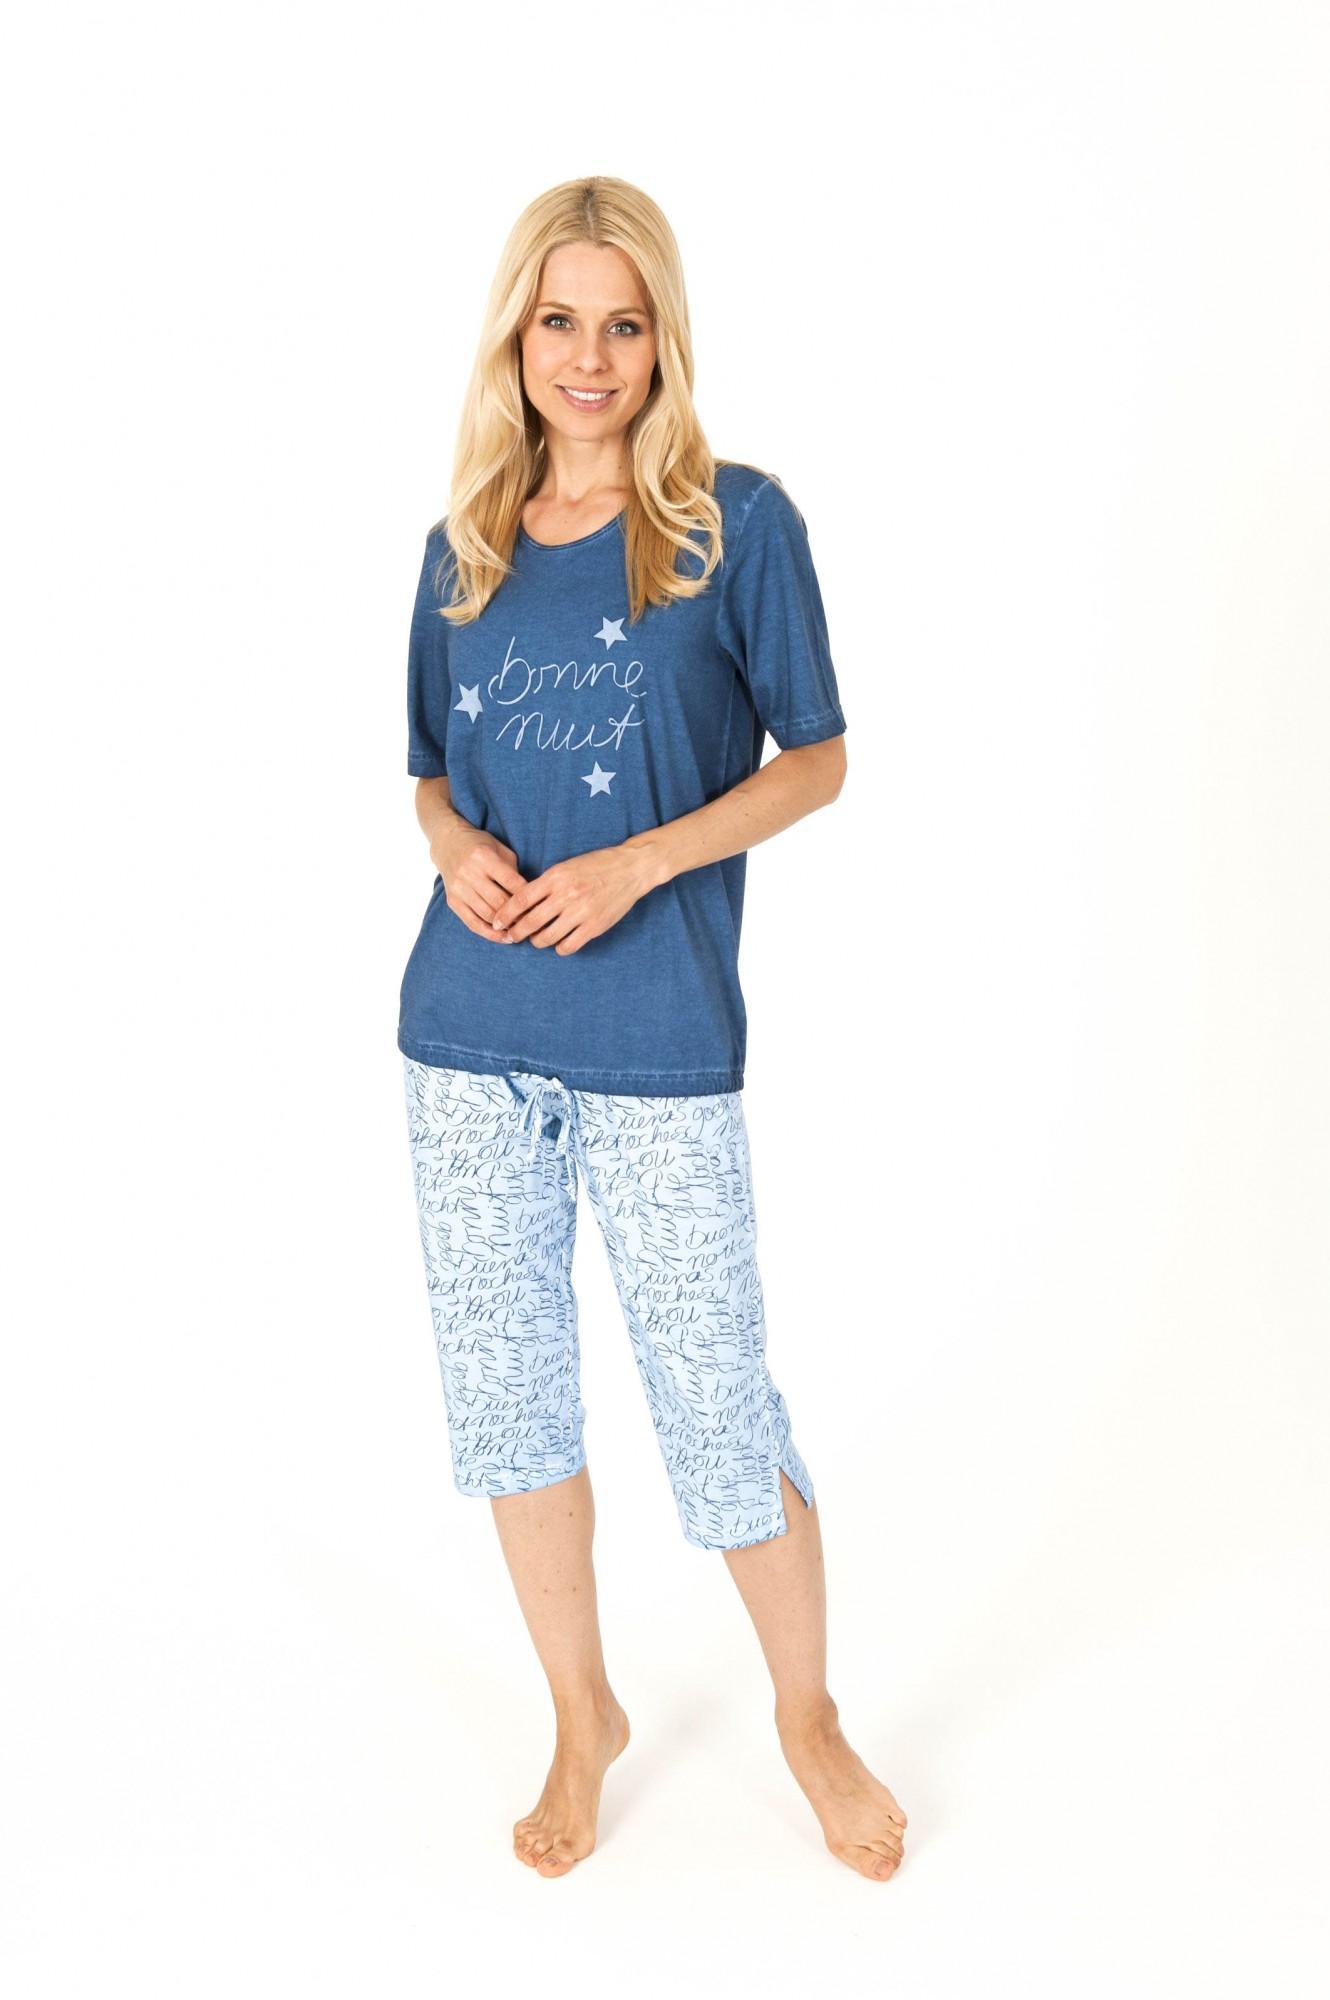 Damen Capri Pyjama mit 3/4-Hose - auch ideal als Loungewear oder Hausanzug – 204 90 840 001